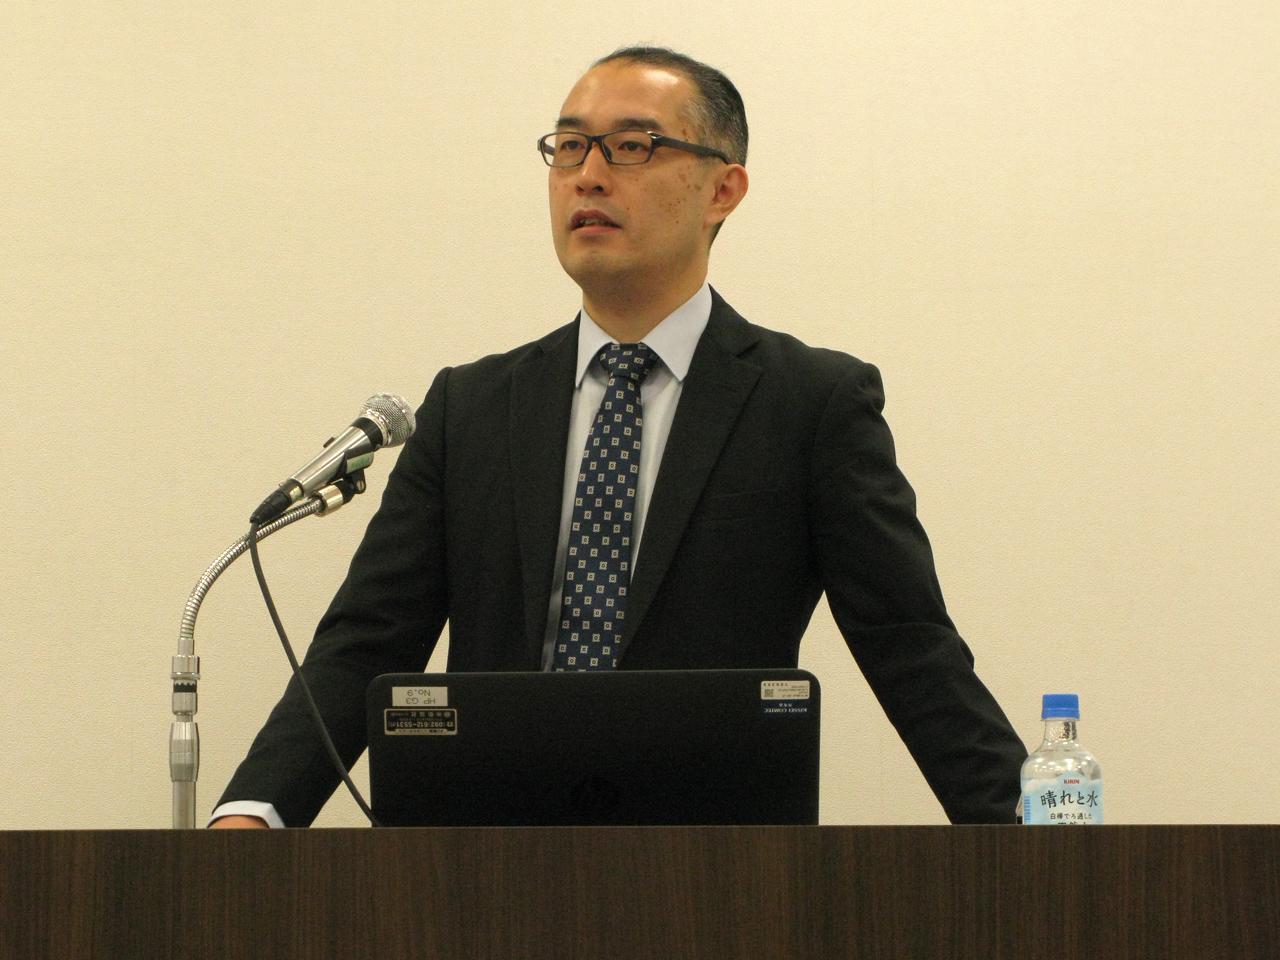 林大輔氏(福岡ユネスコアジア文化講演会)